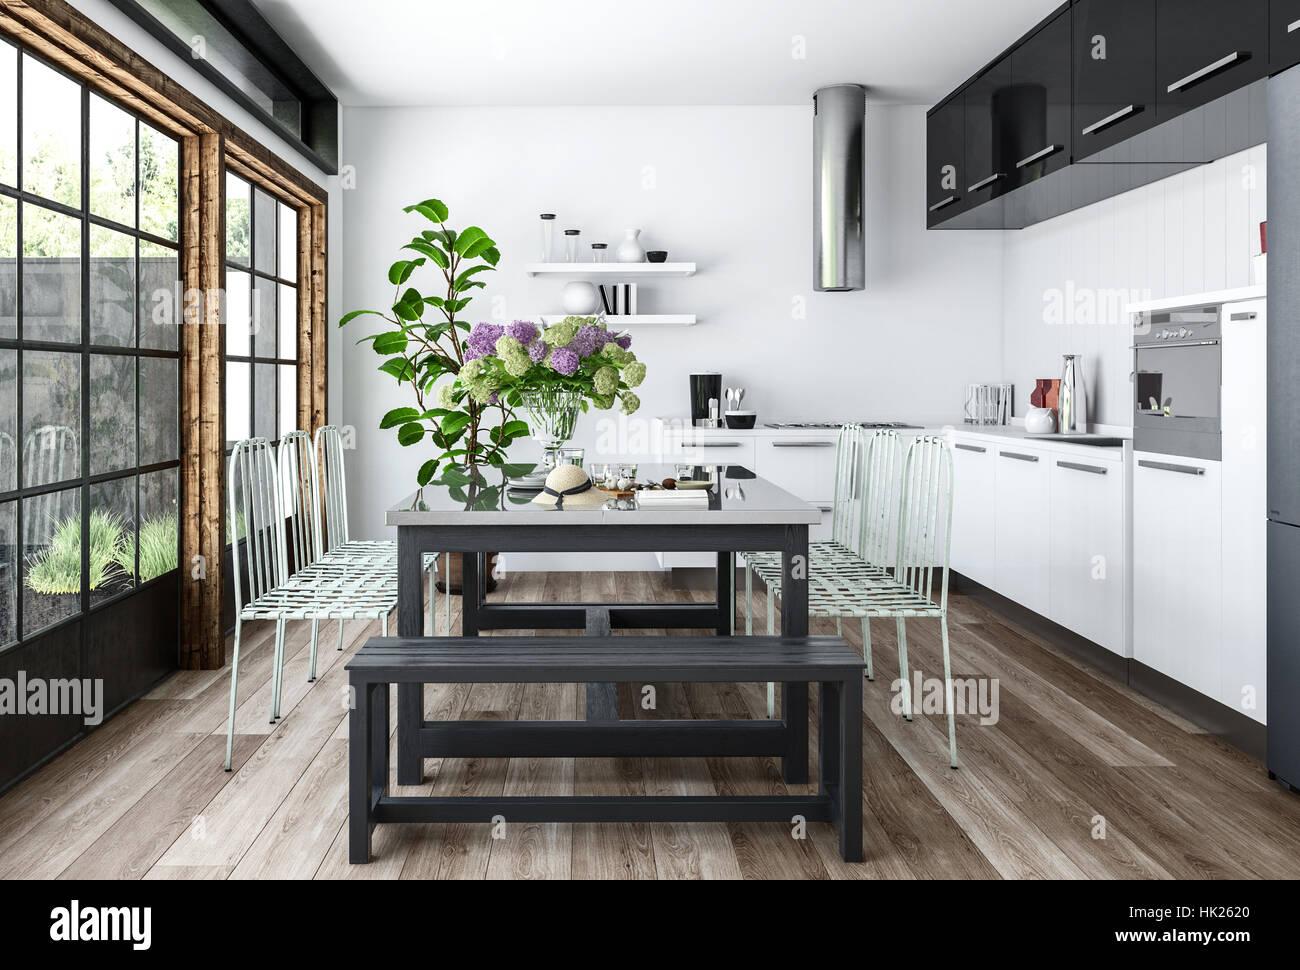 Helle Küche In Weiß Und Schwarz Minimalistischen Innenarchitektur